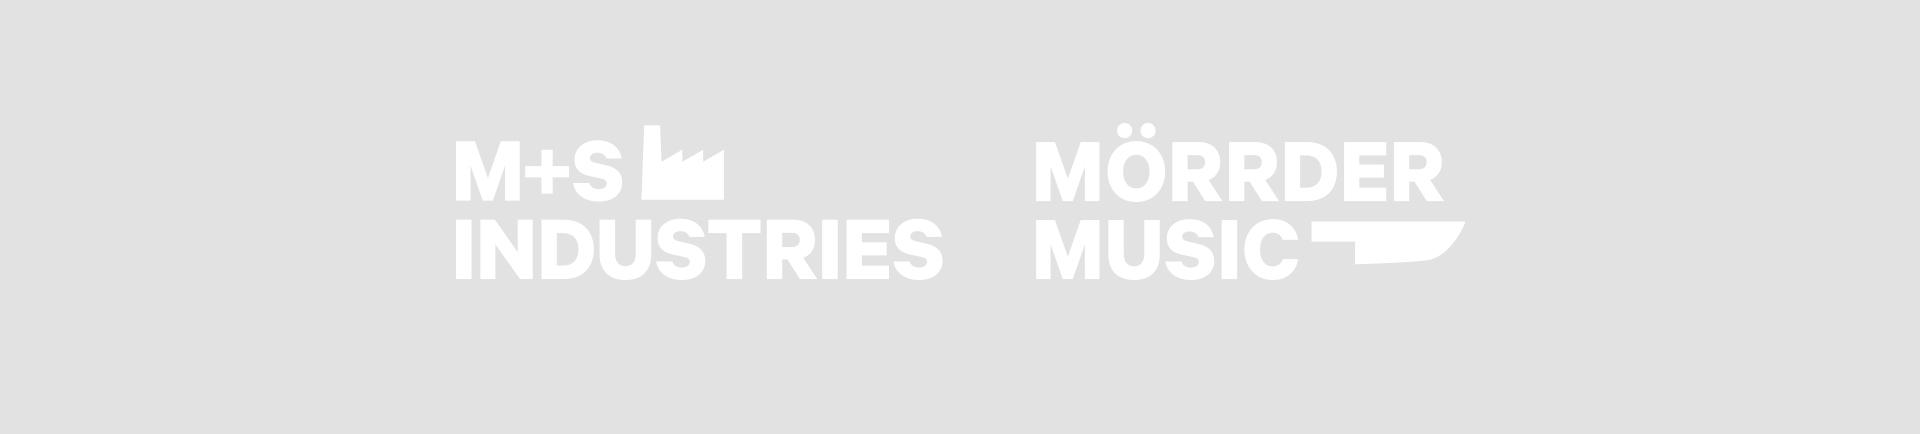 M+S_Fullscreen_logos